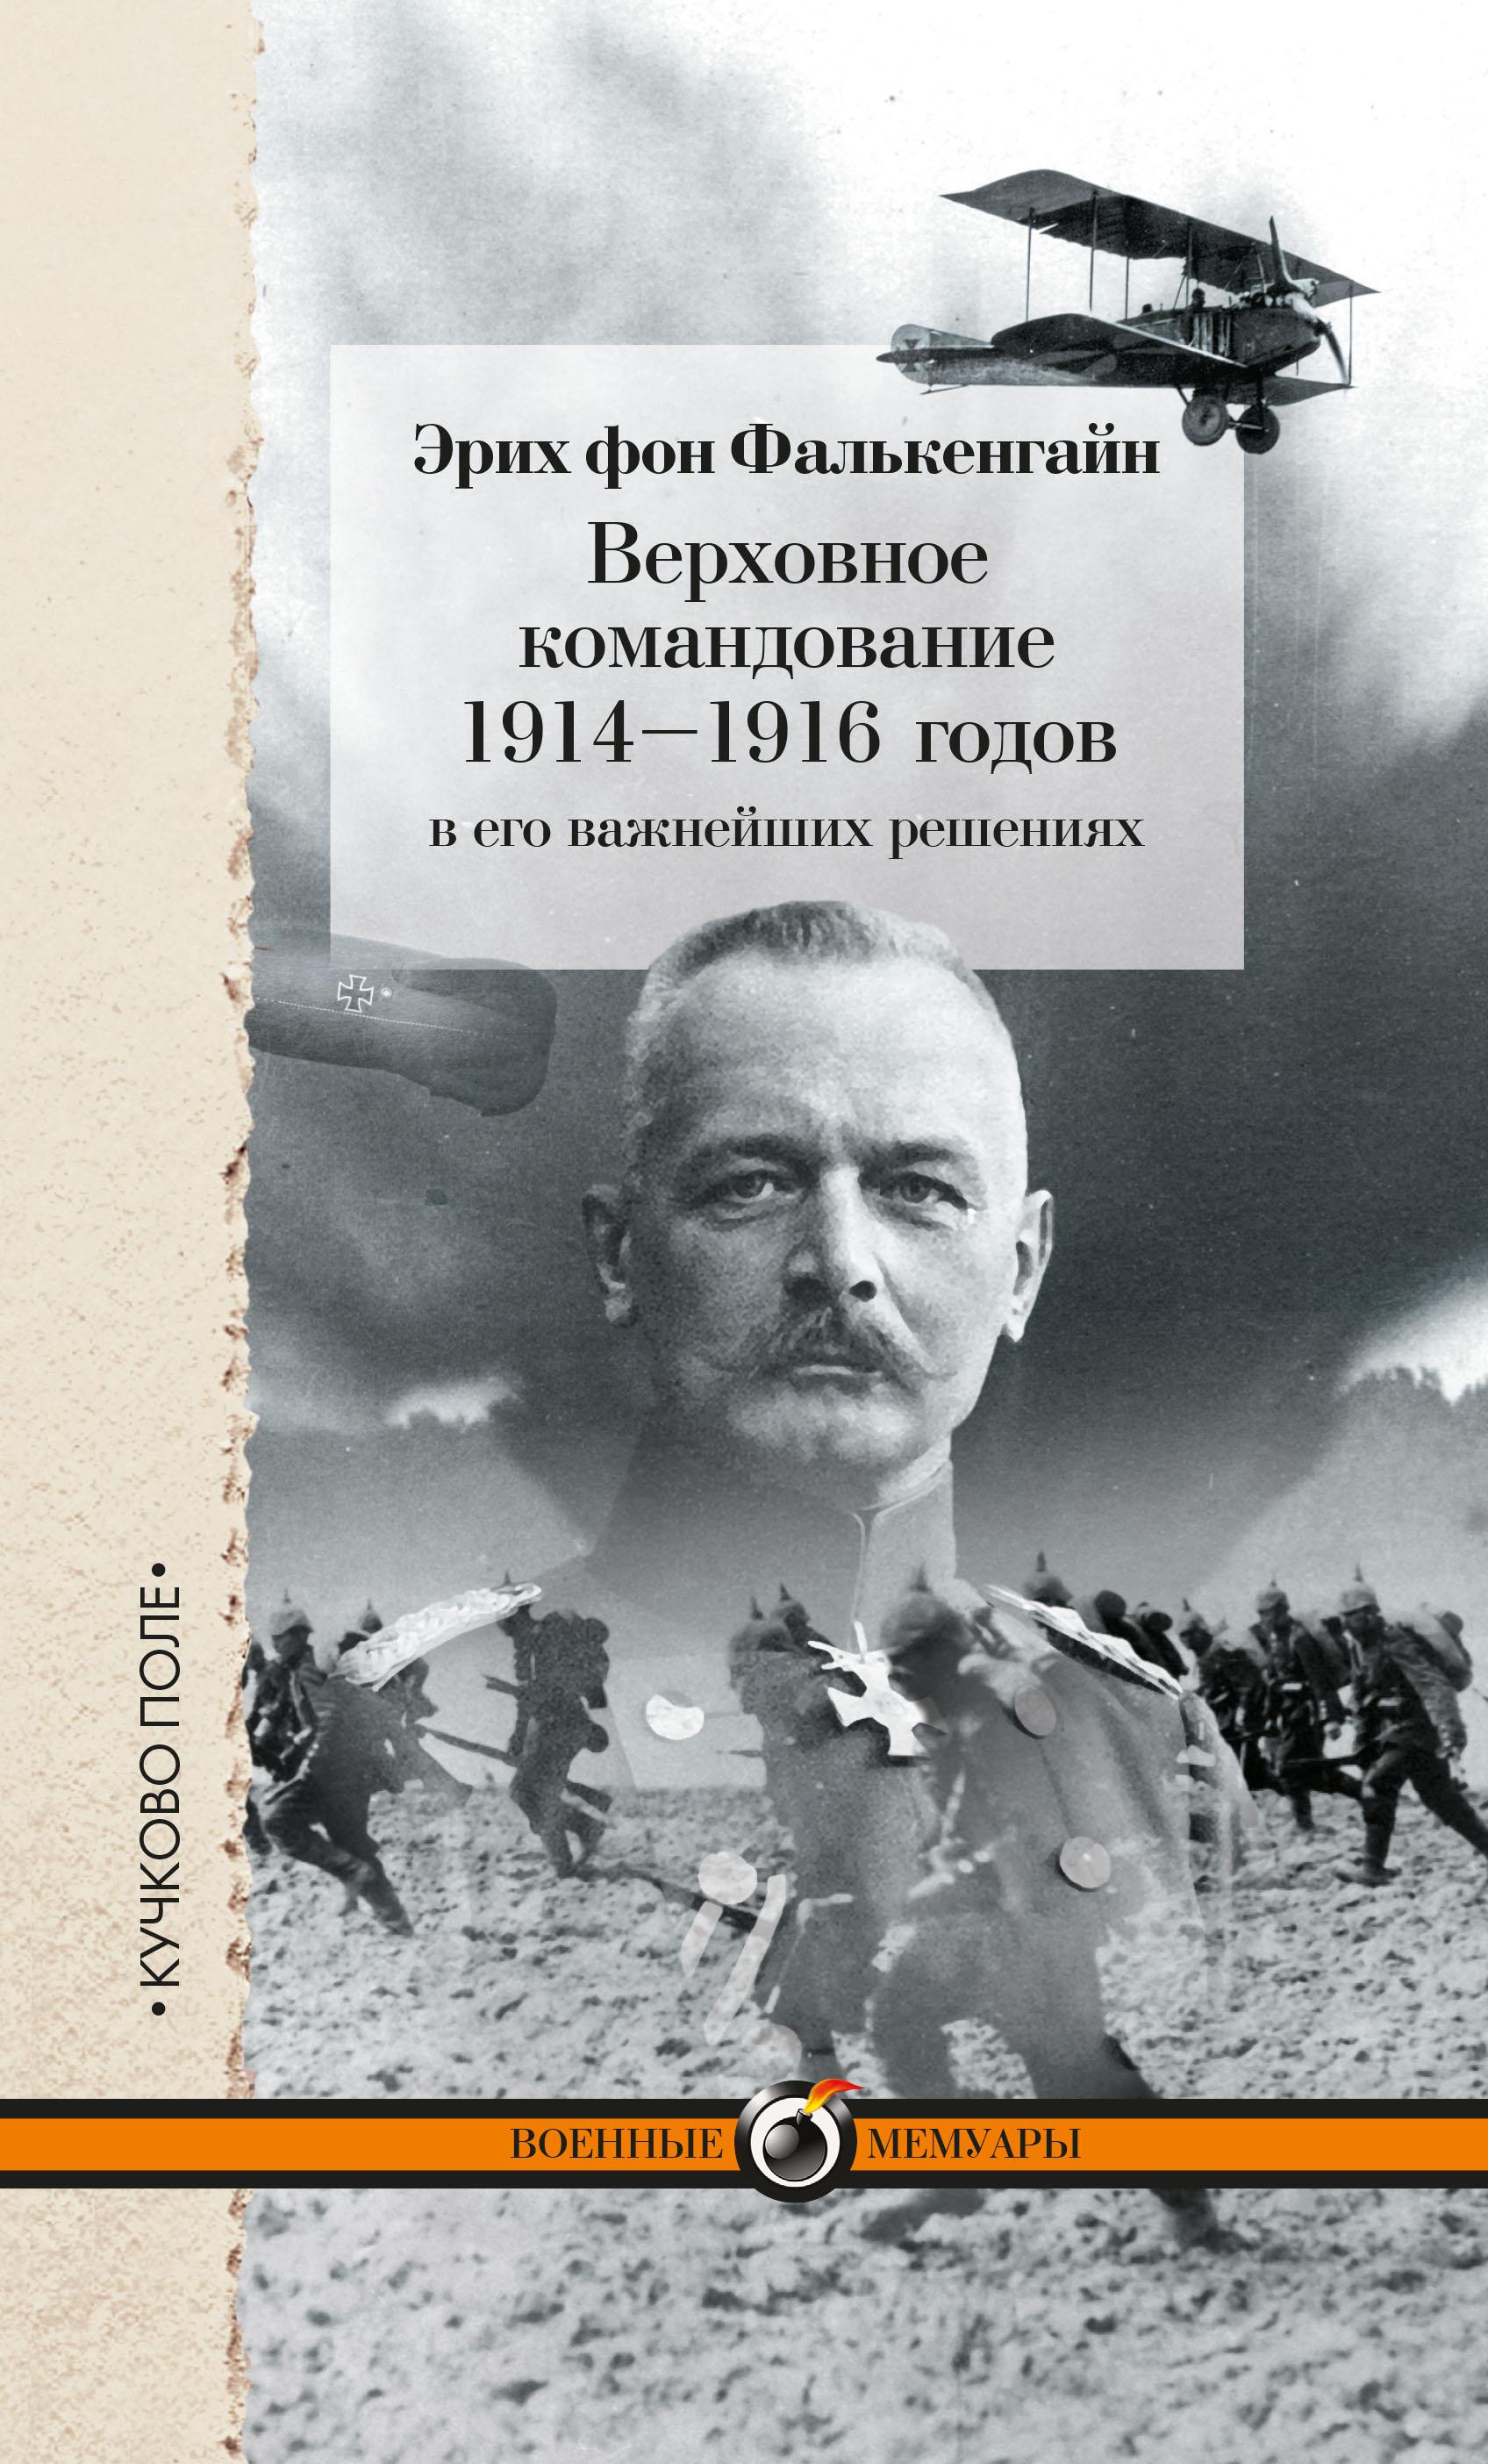 Эрих фон Фалькенгайн Верховное командование 1914–1916 годов в его важнейших решениях